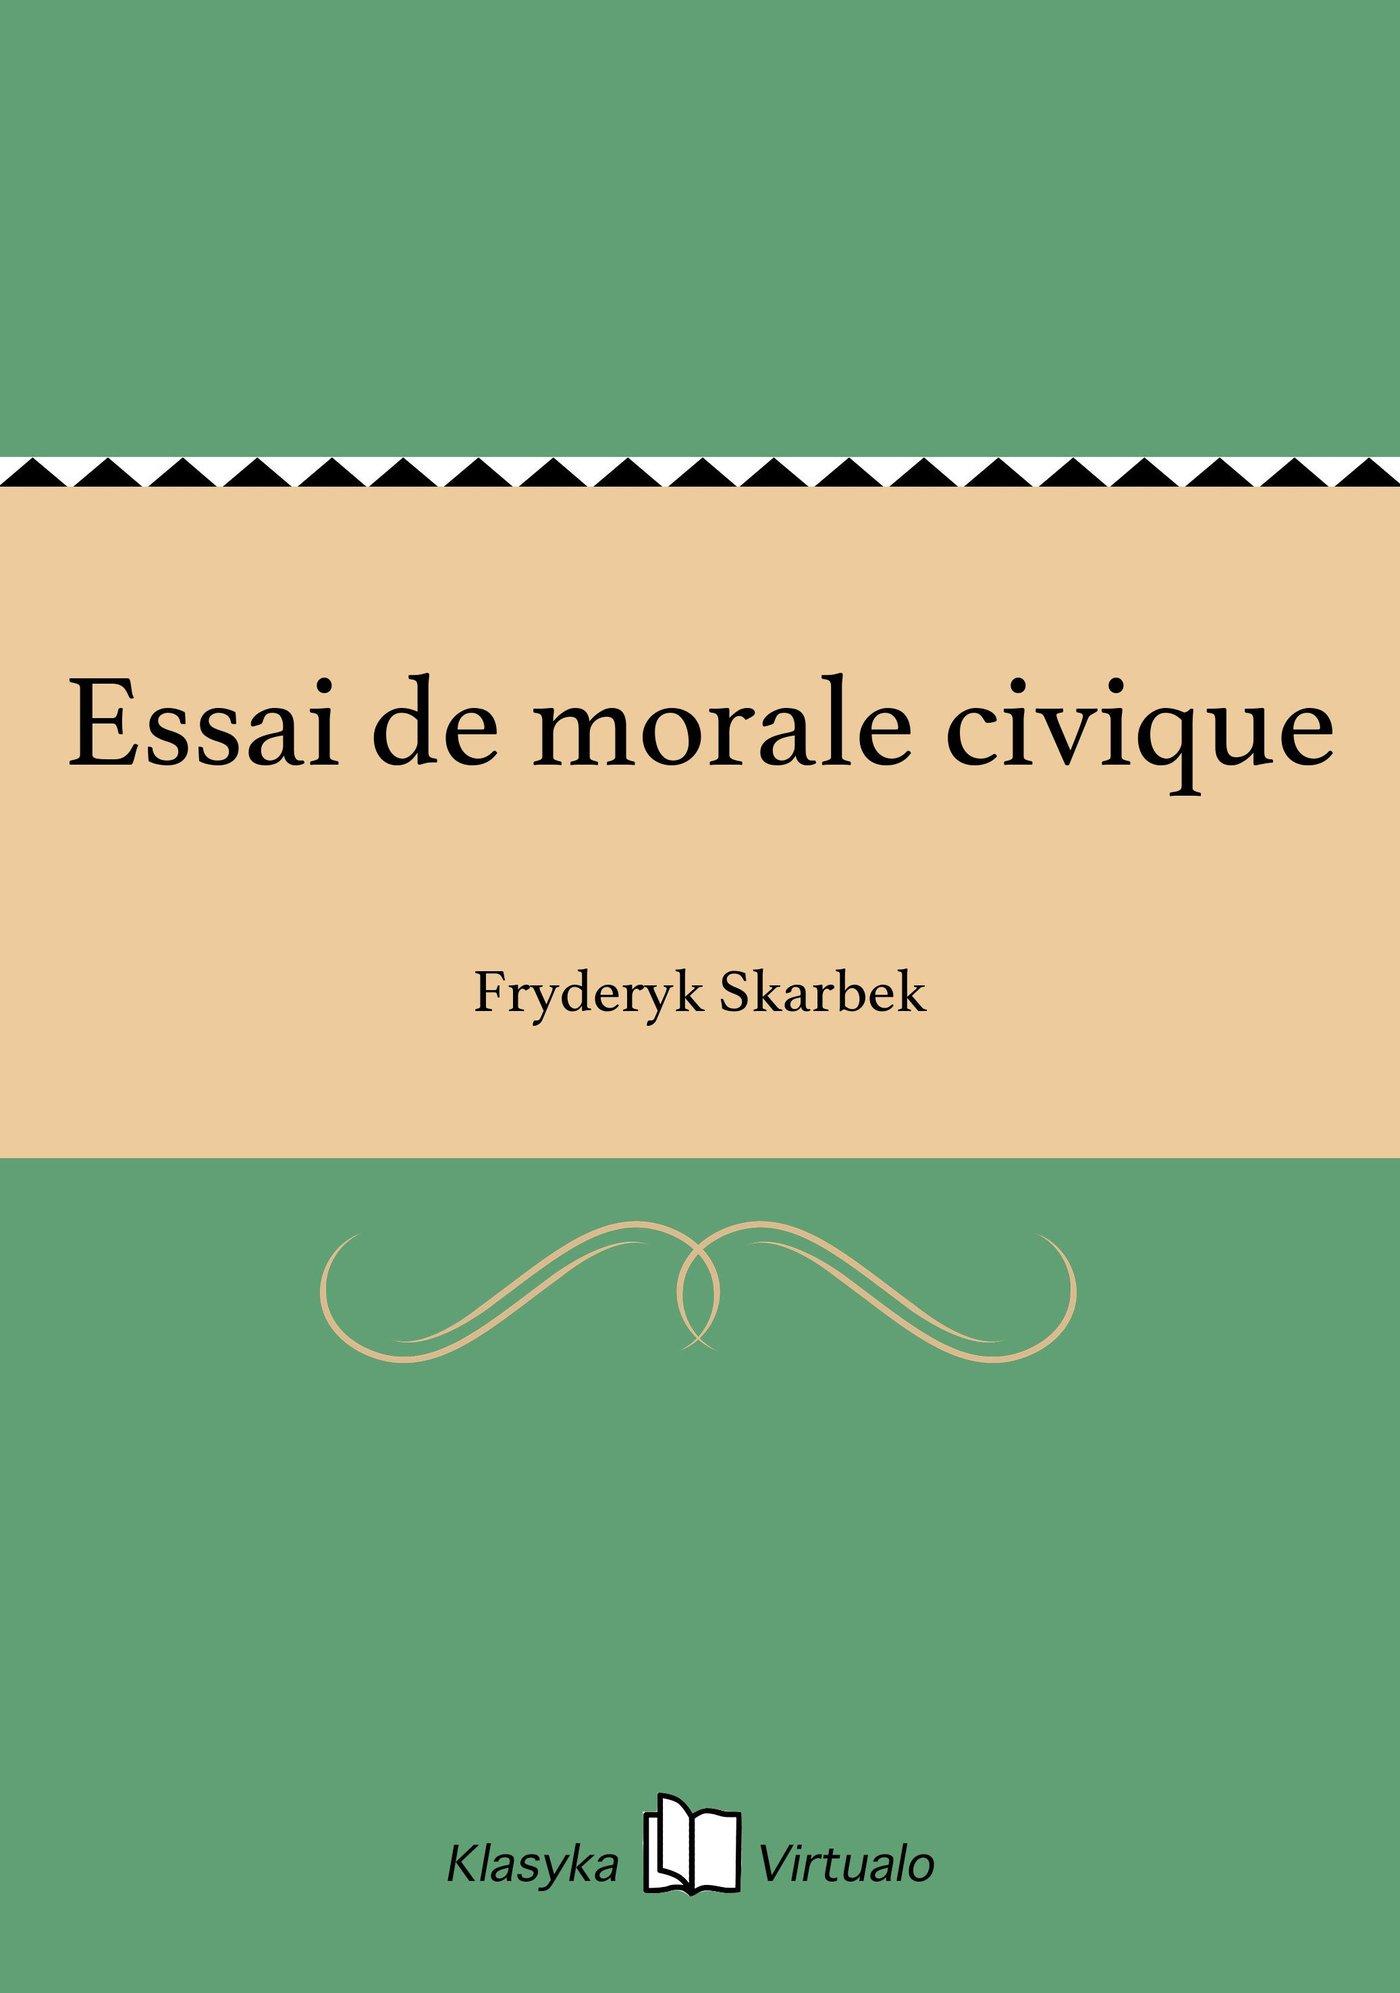 Essai de morale civique - Ebook (Książka EPUB) do pobrania w formacie EPUB